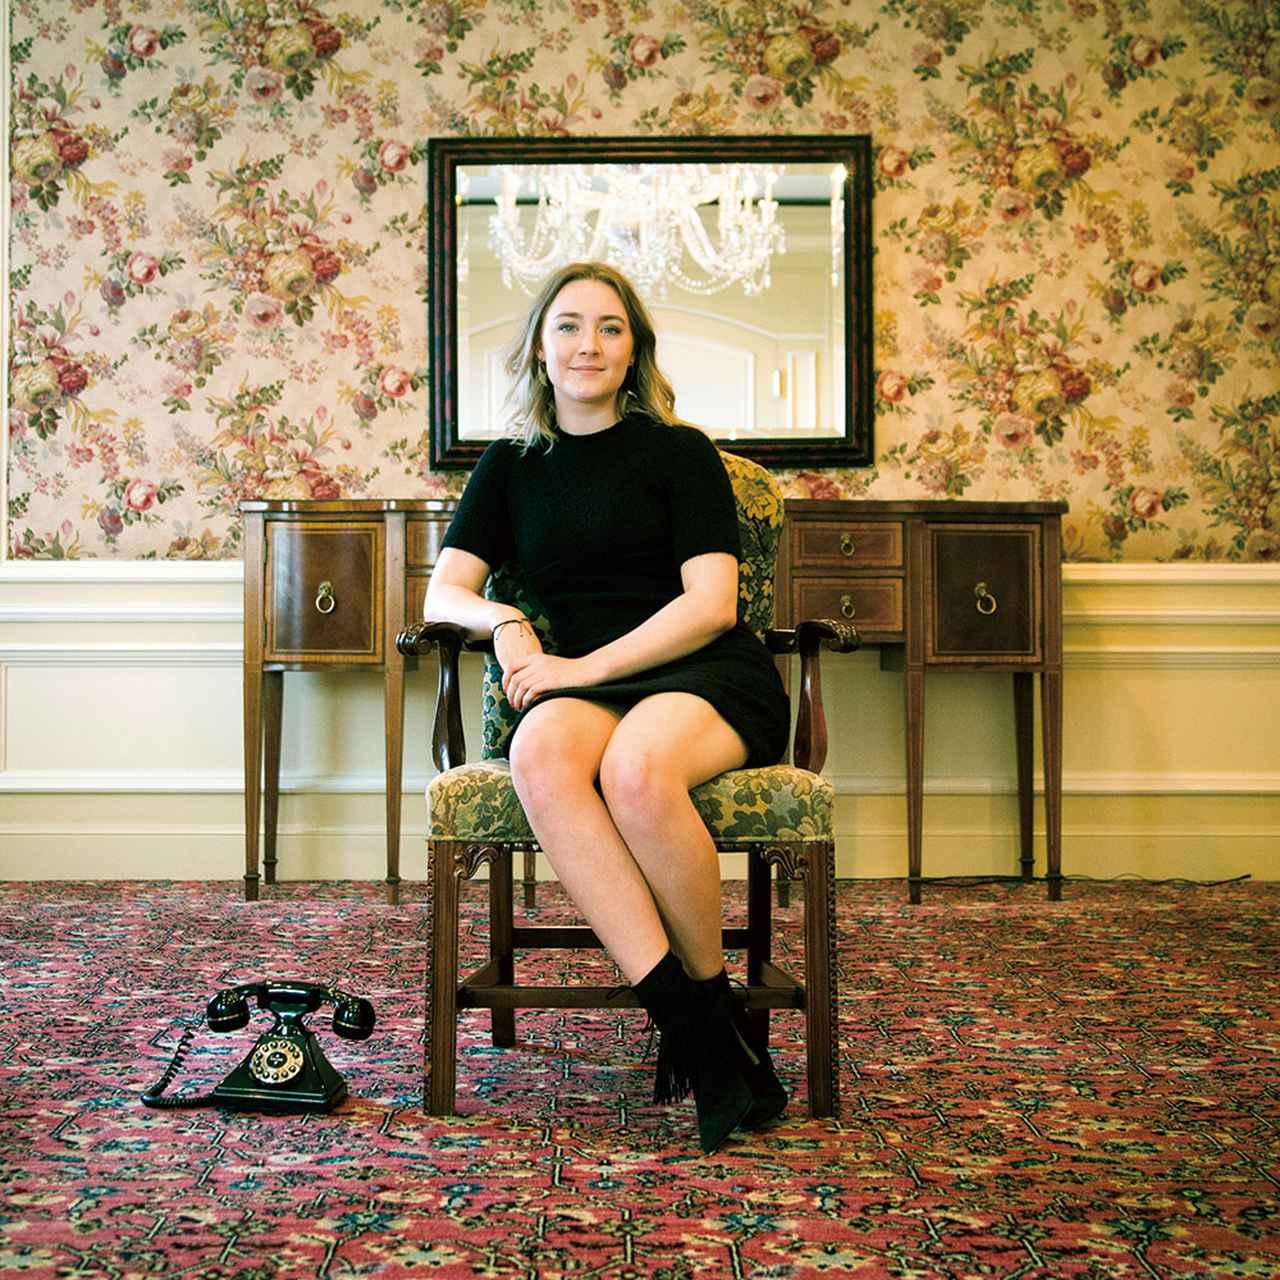 画像1: シアーシャ・ローナンが語る「若草物語」を現代の人に観てもらいたい理由【今月の顔】